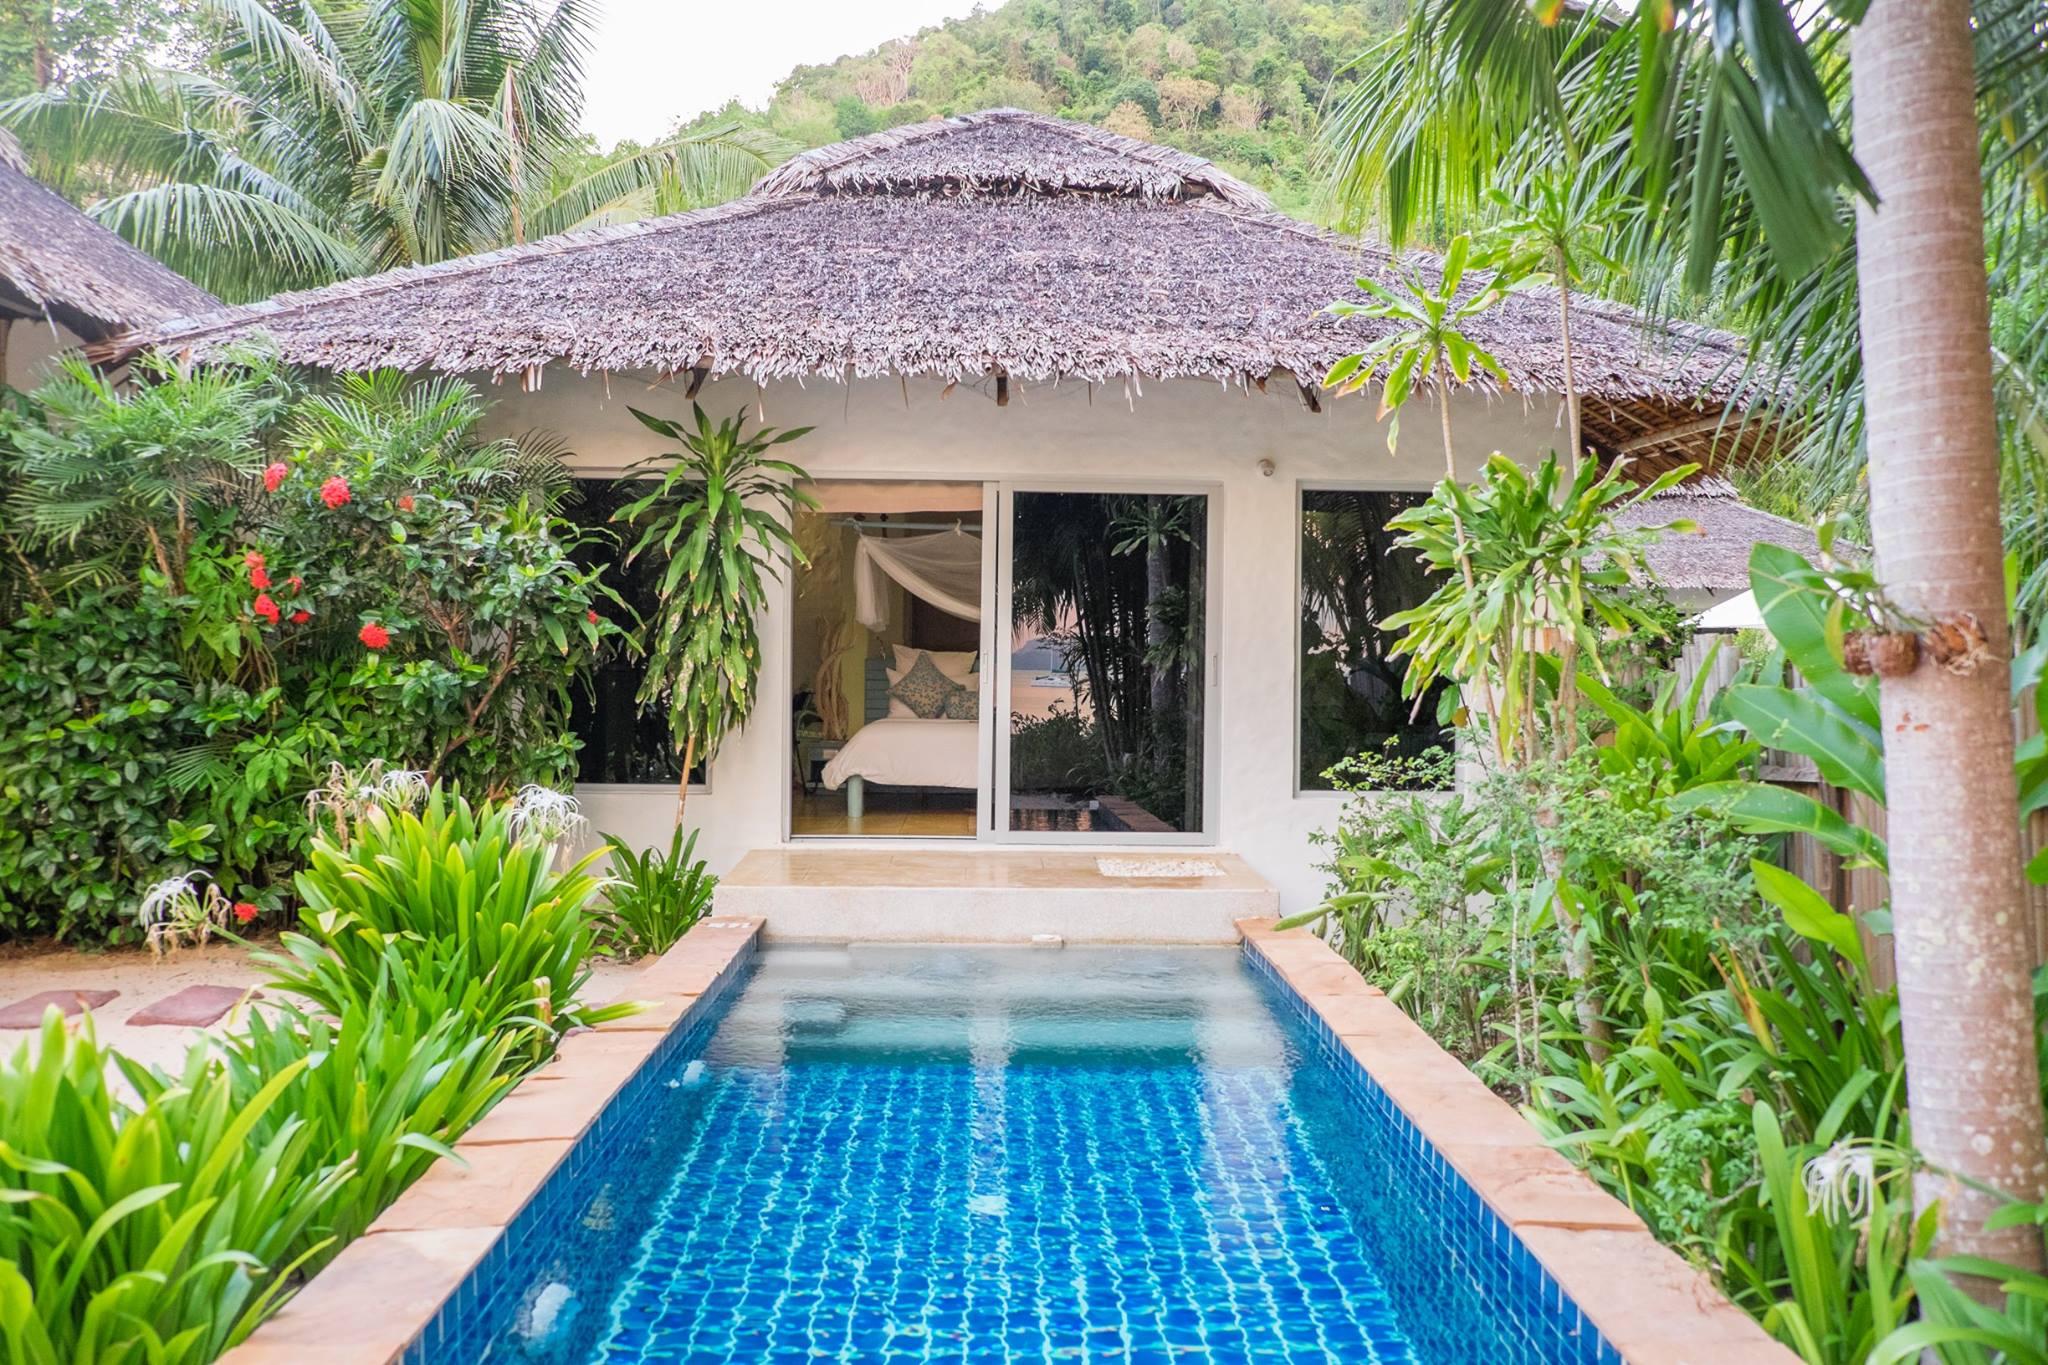 paradise-koh-yao-retreat-center-thailand-11